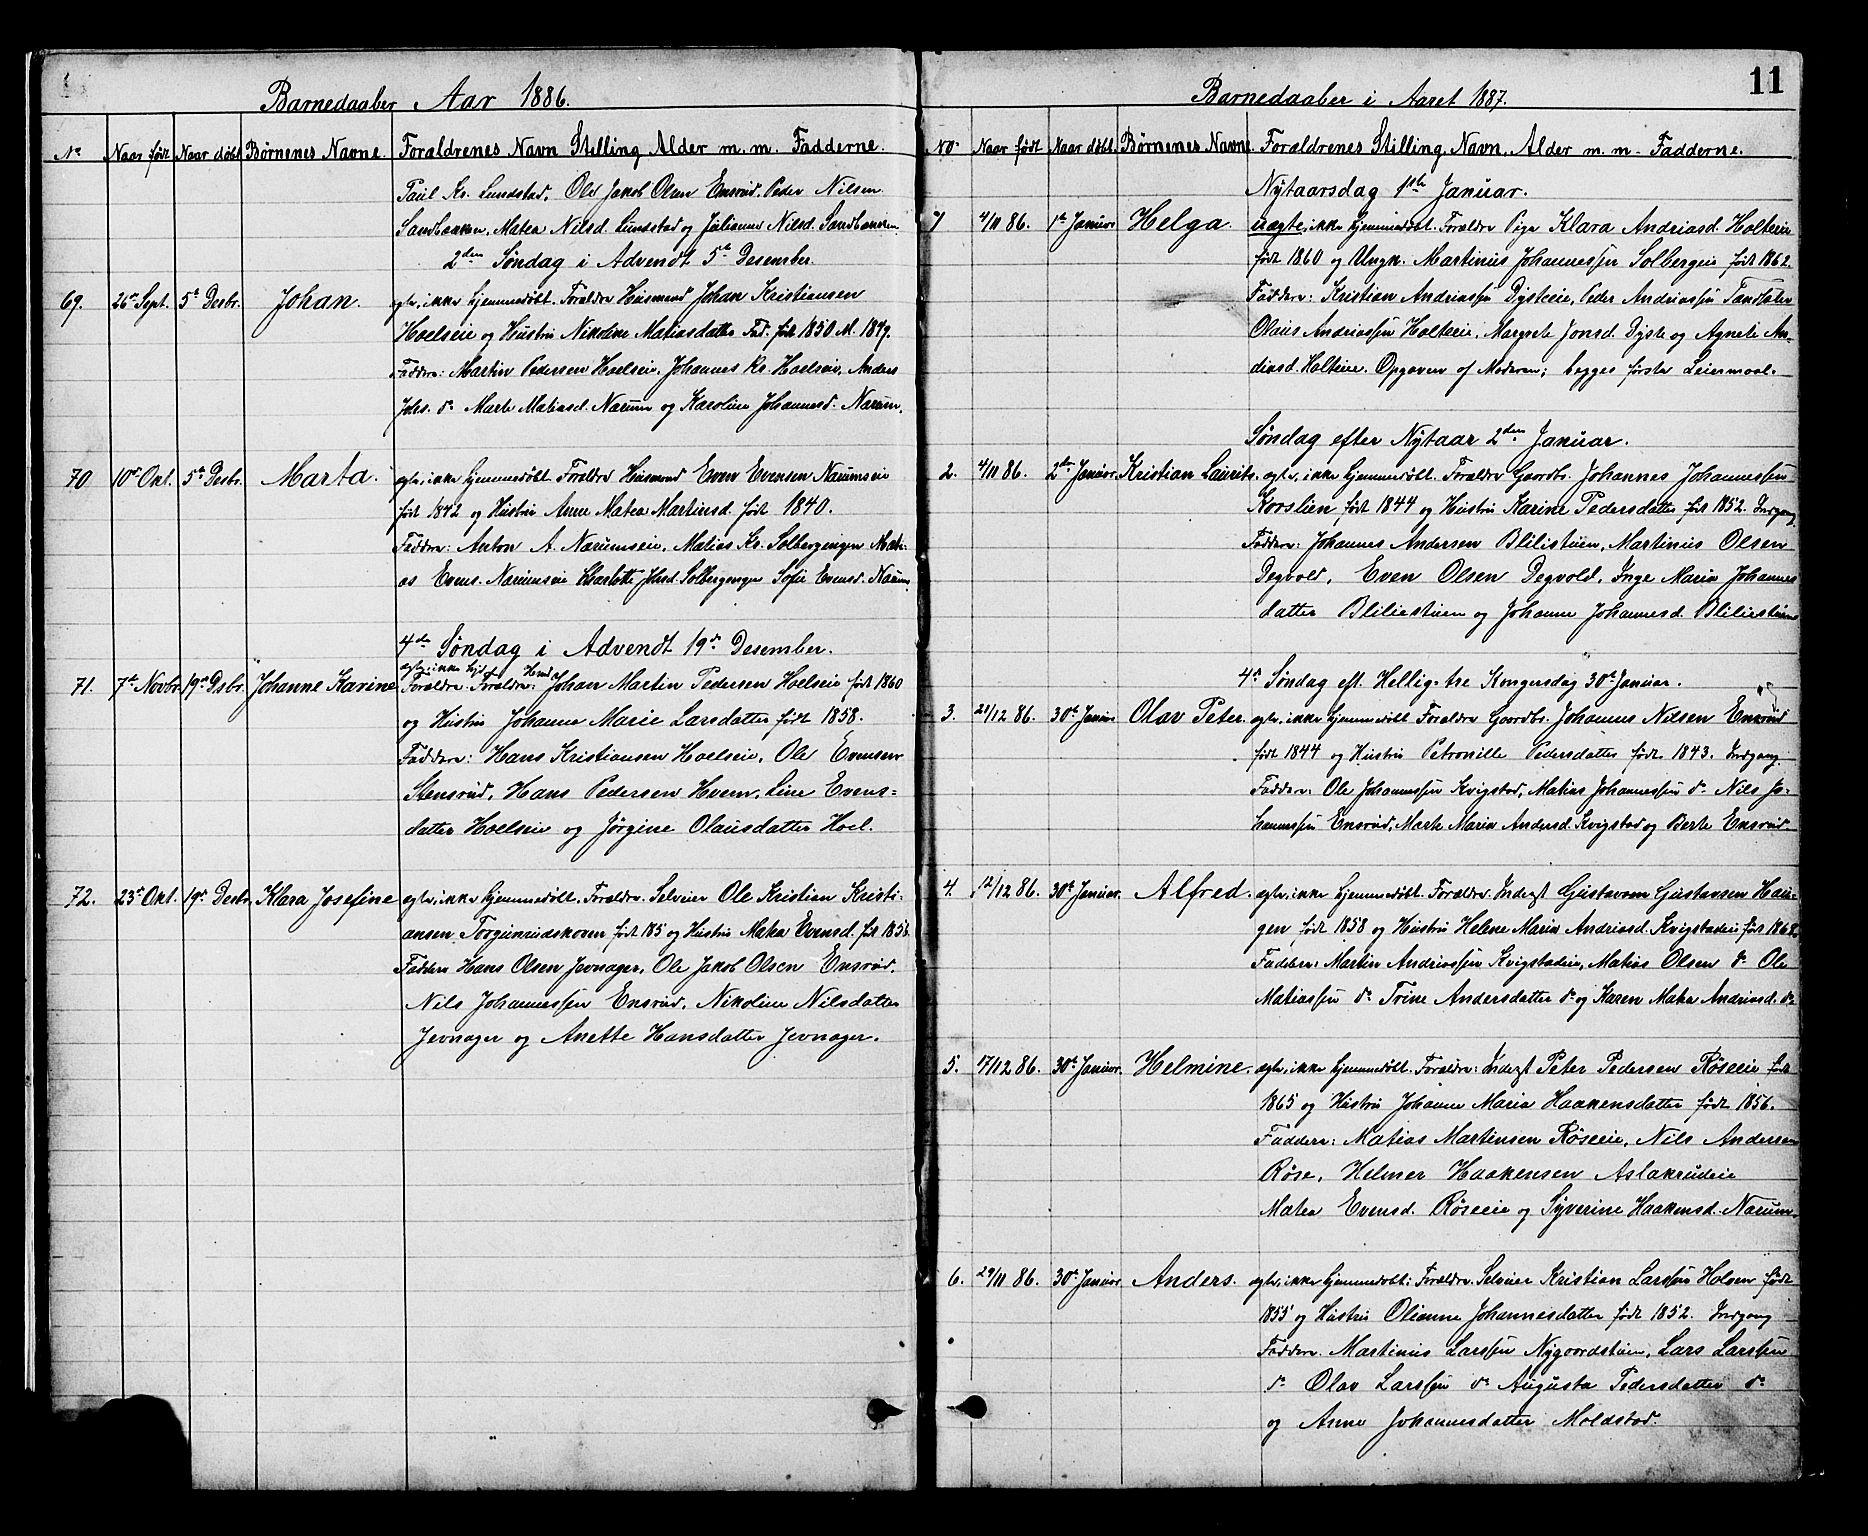 SAH, Vestre Toten prestekontor, H/Ha/Hab/L0008: Klokkerbok nr. 8, 1885-1900, s. 11